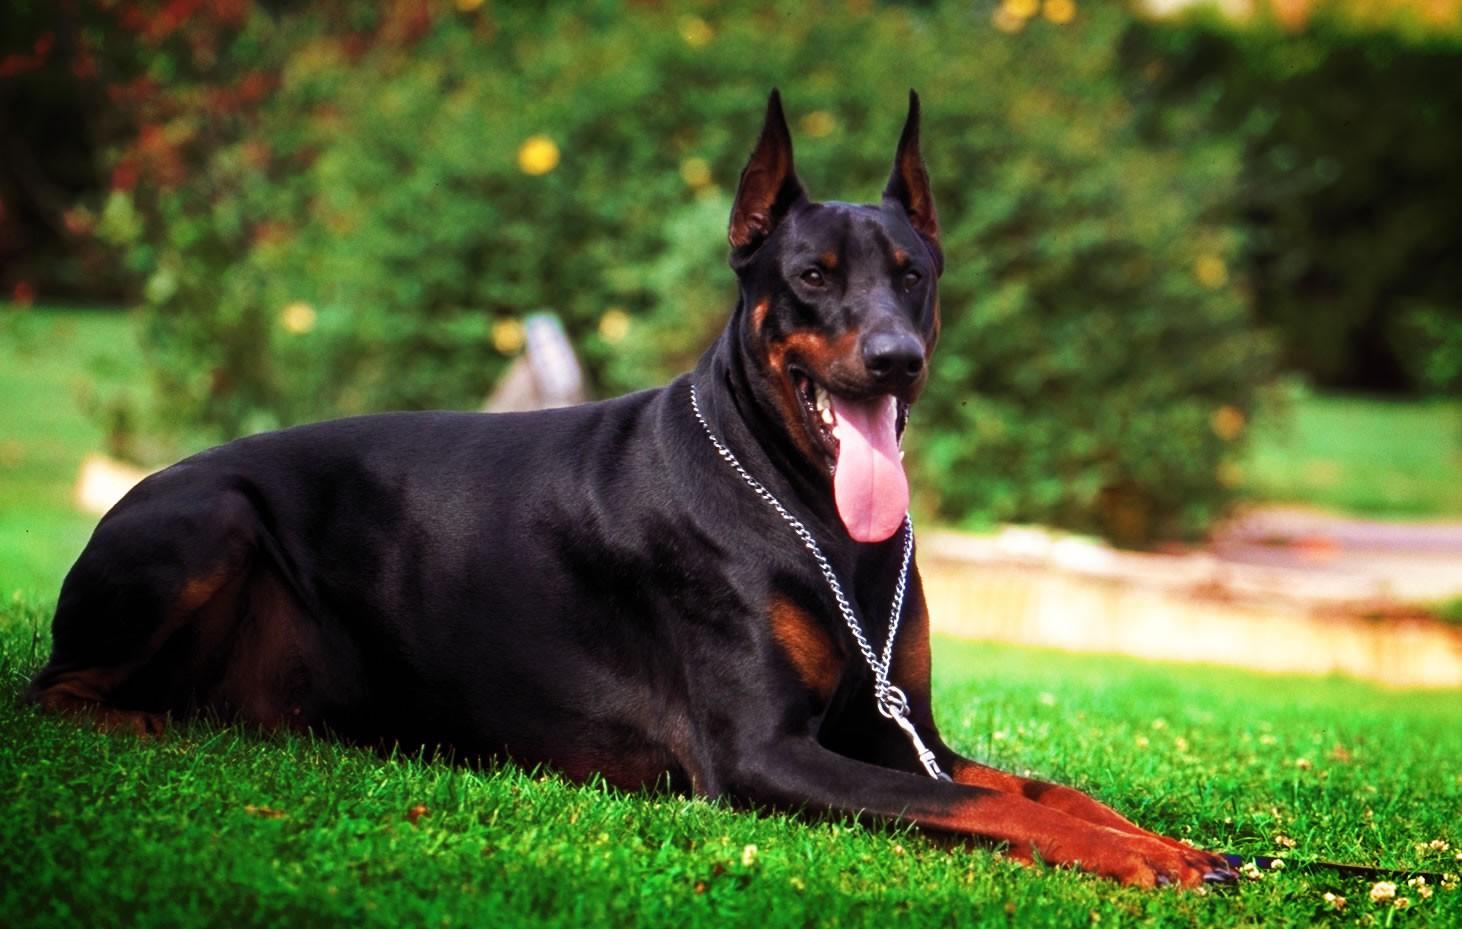 9 giống chó sở hữu vẻ ngoài siêu cưng nhưng không thích hợp với các gia đình có trẻ nhỏ - Ảnh 4.